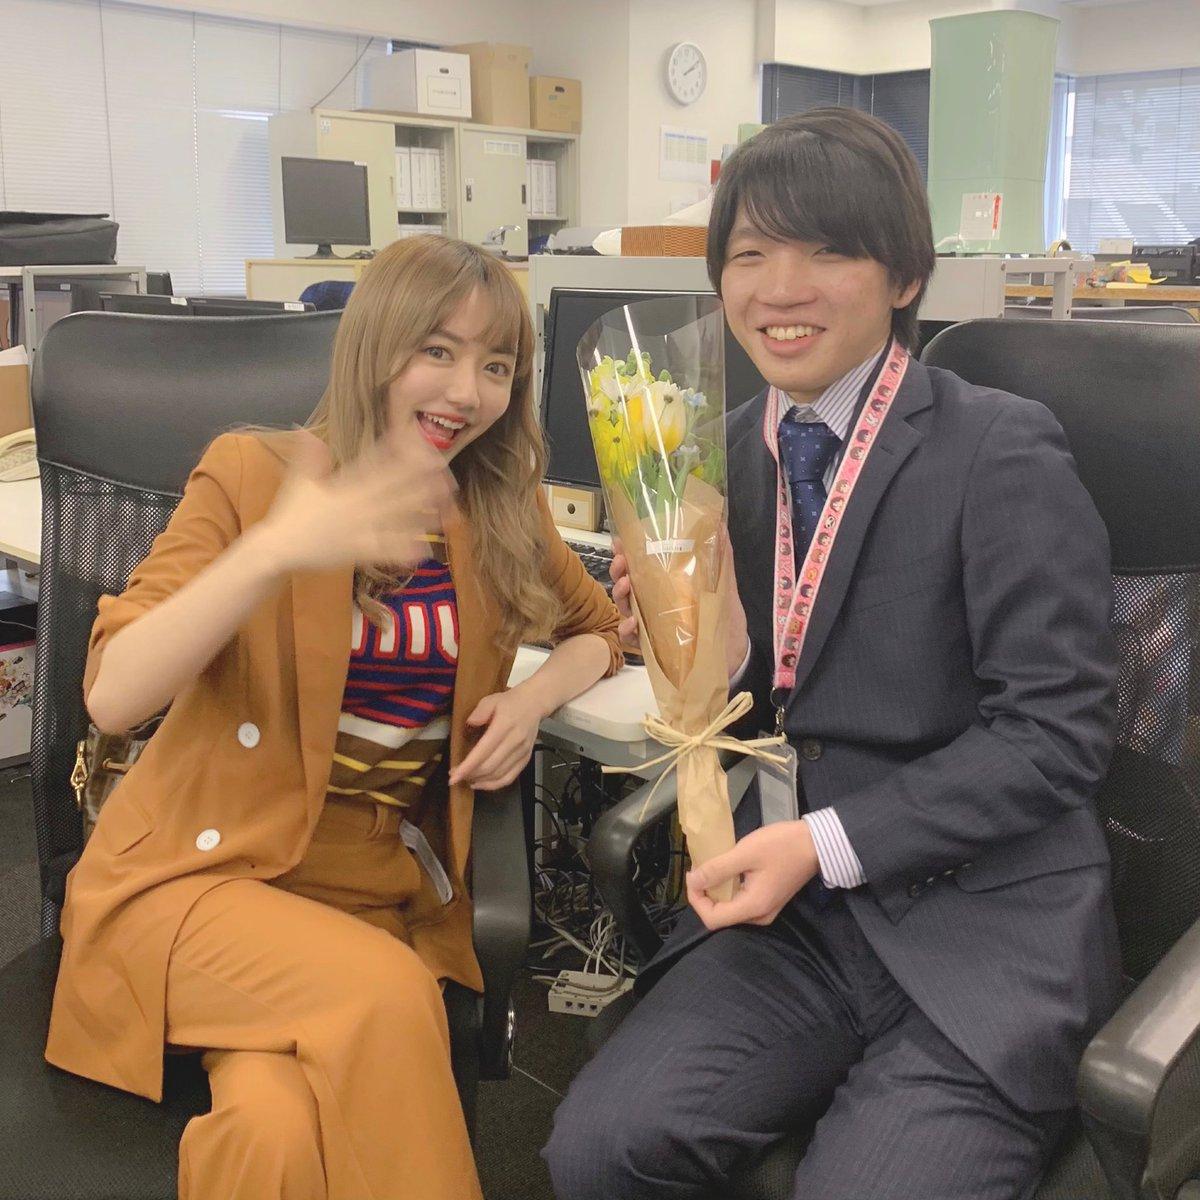 【朗報】社長の椎木里佳さん、中村俊輔みたいな子を社会に放流する